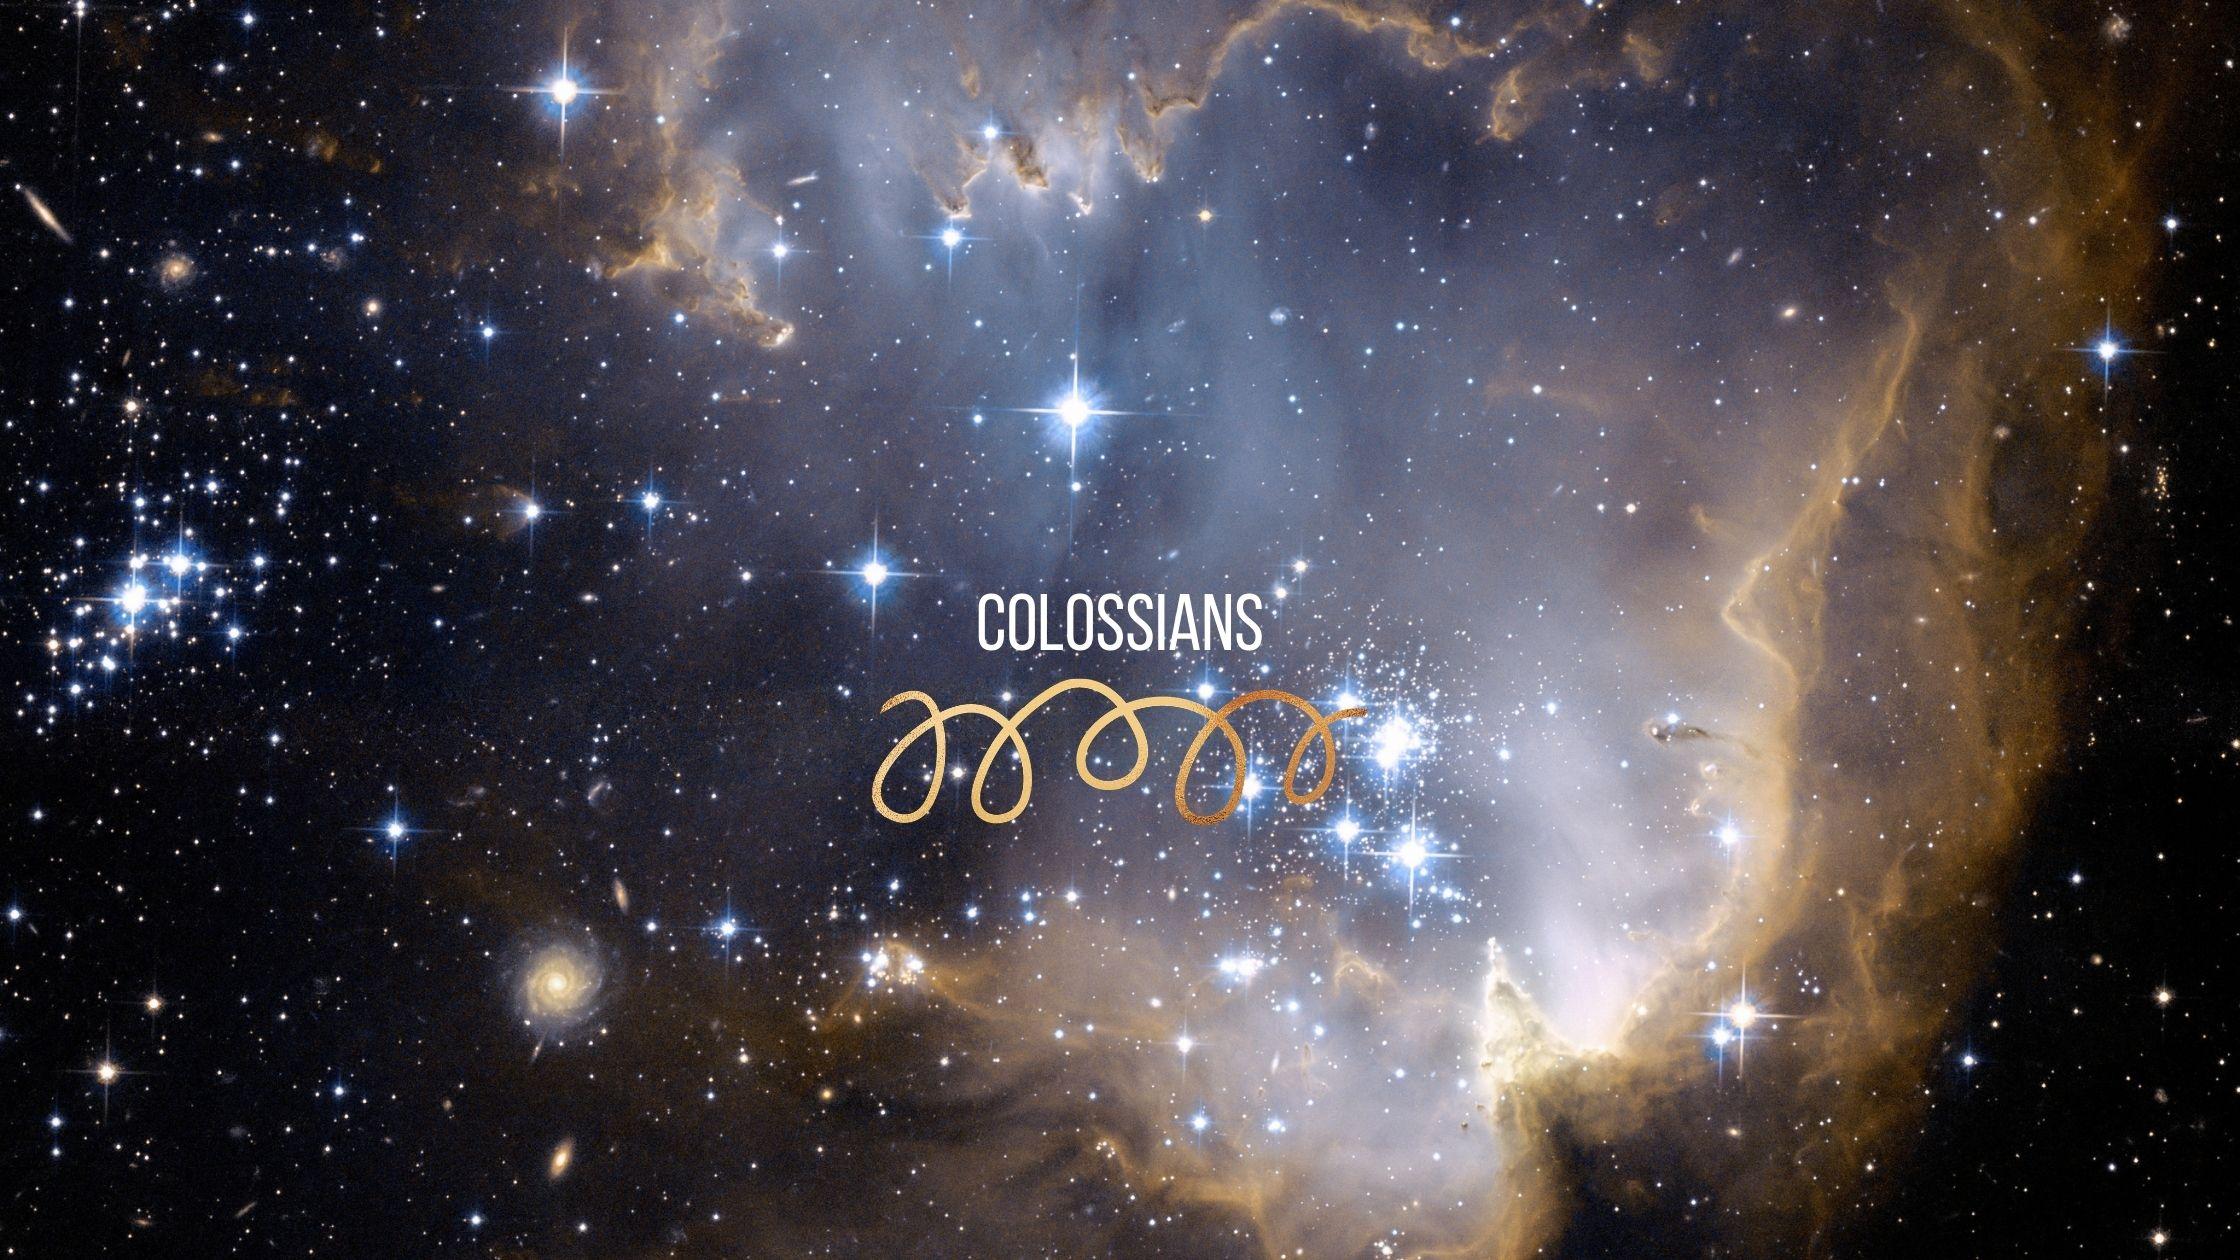 Colossians 2:20-3:4